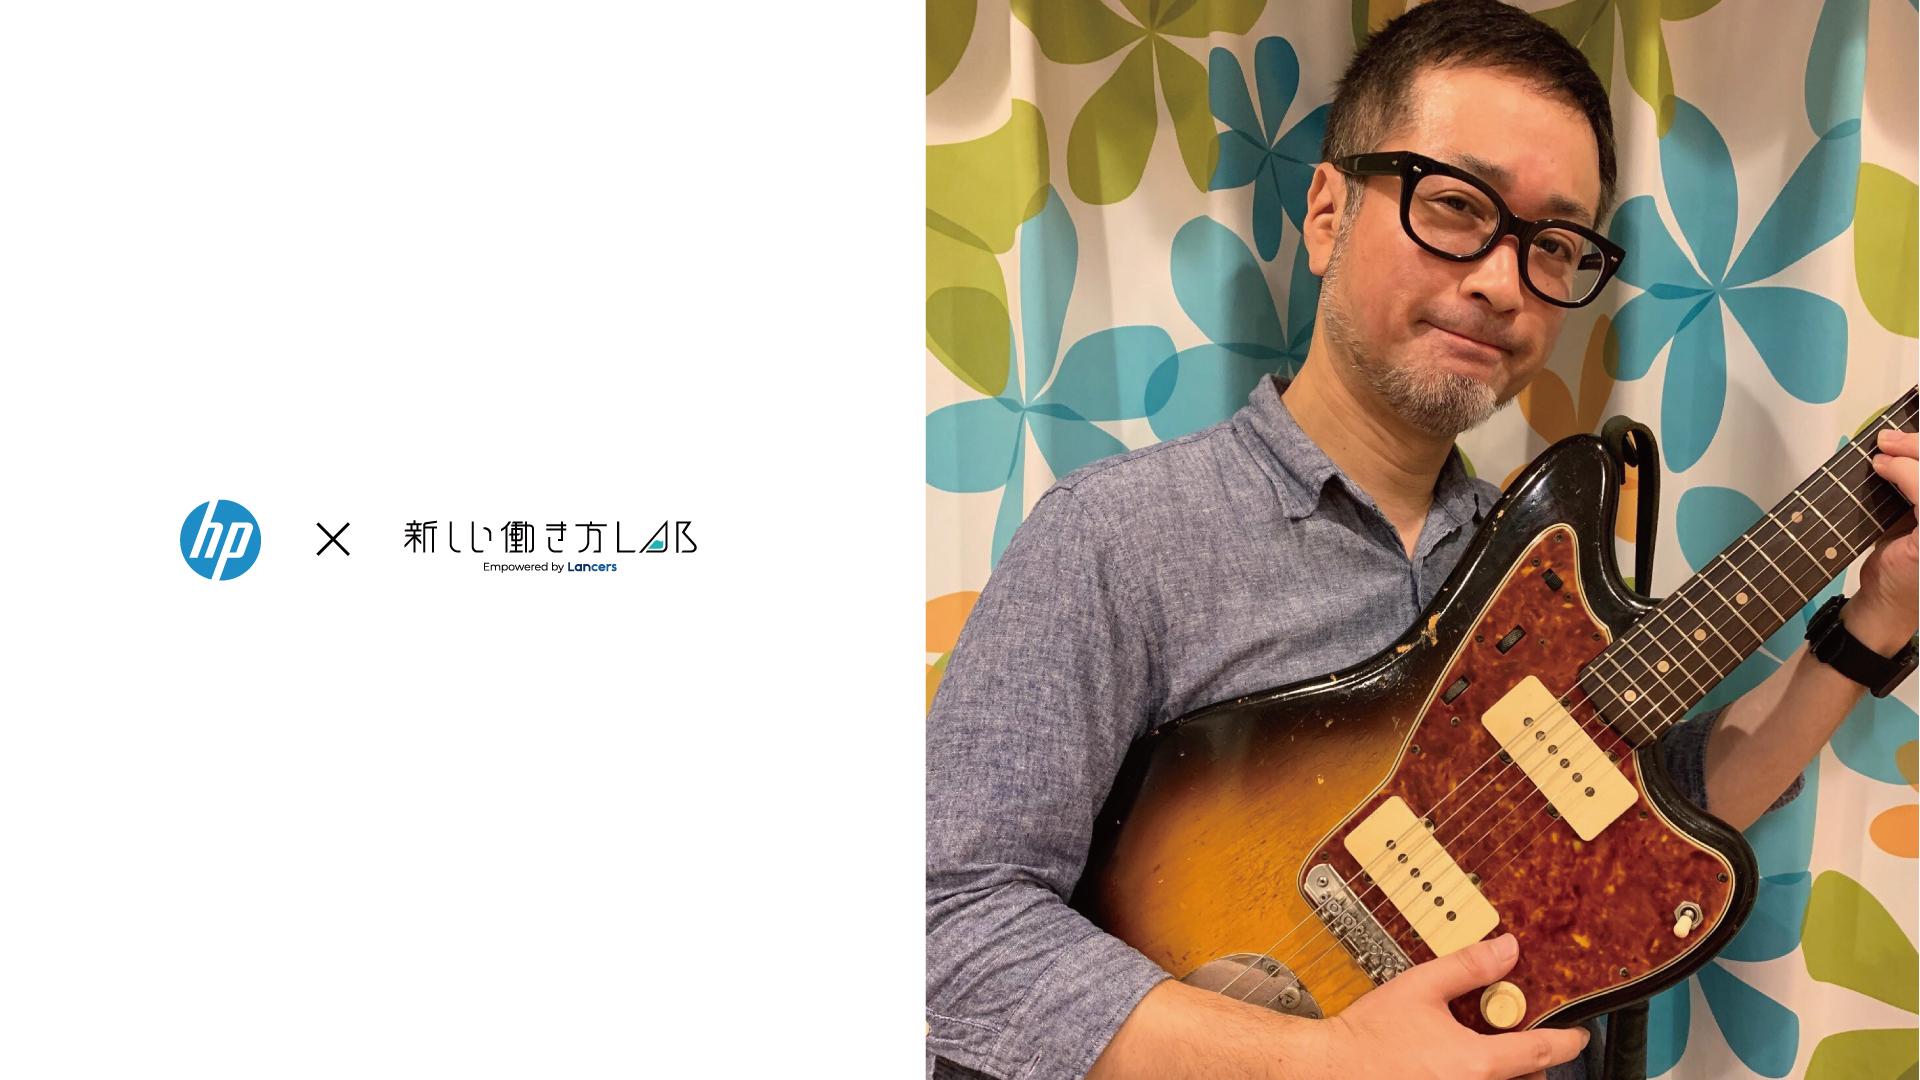 ギタリスト兼派遣社員から正社員へキャリアチェンジ。日本HP・臼井雄一さんのお仕事ヒストリー